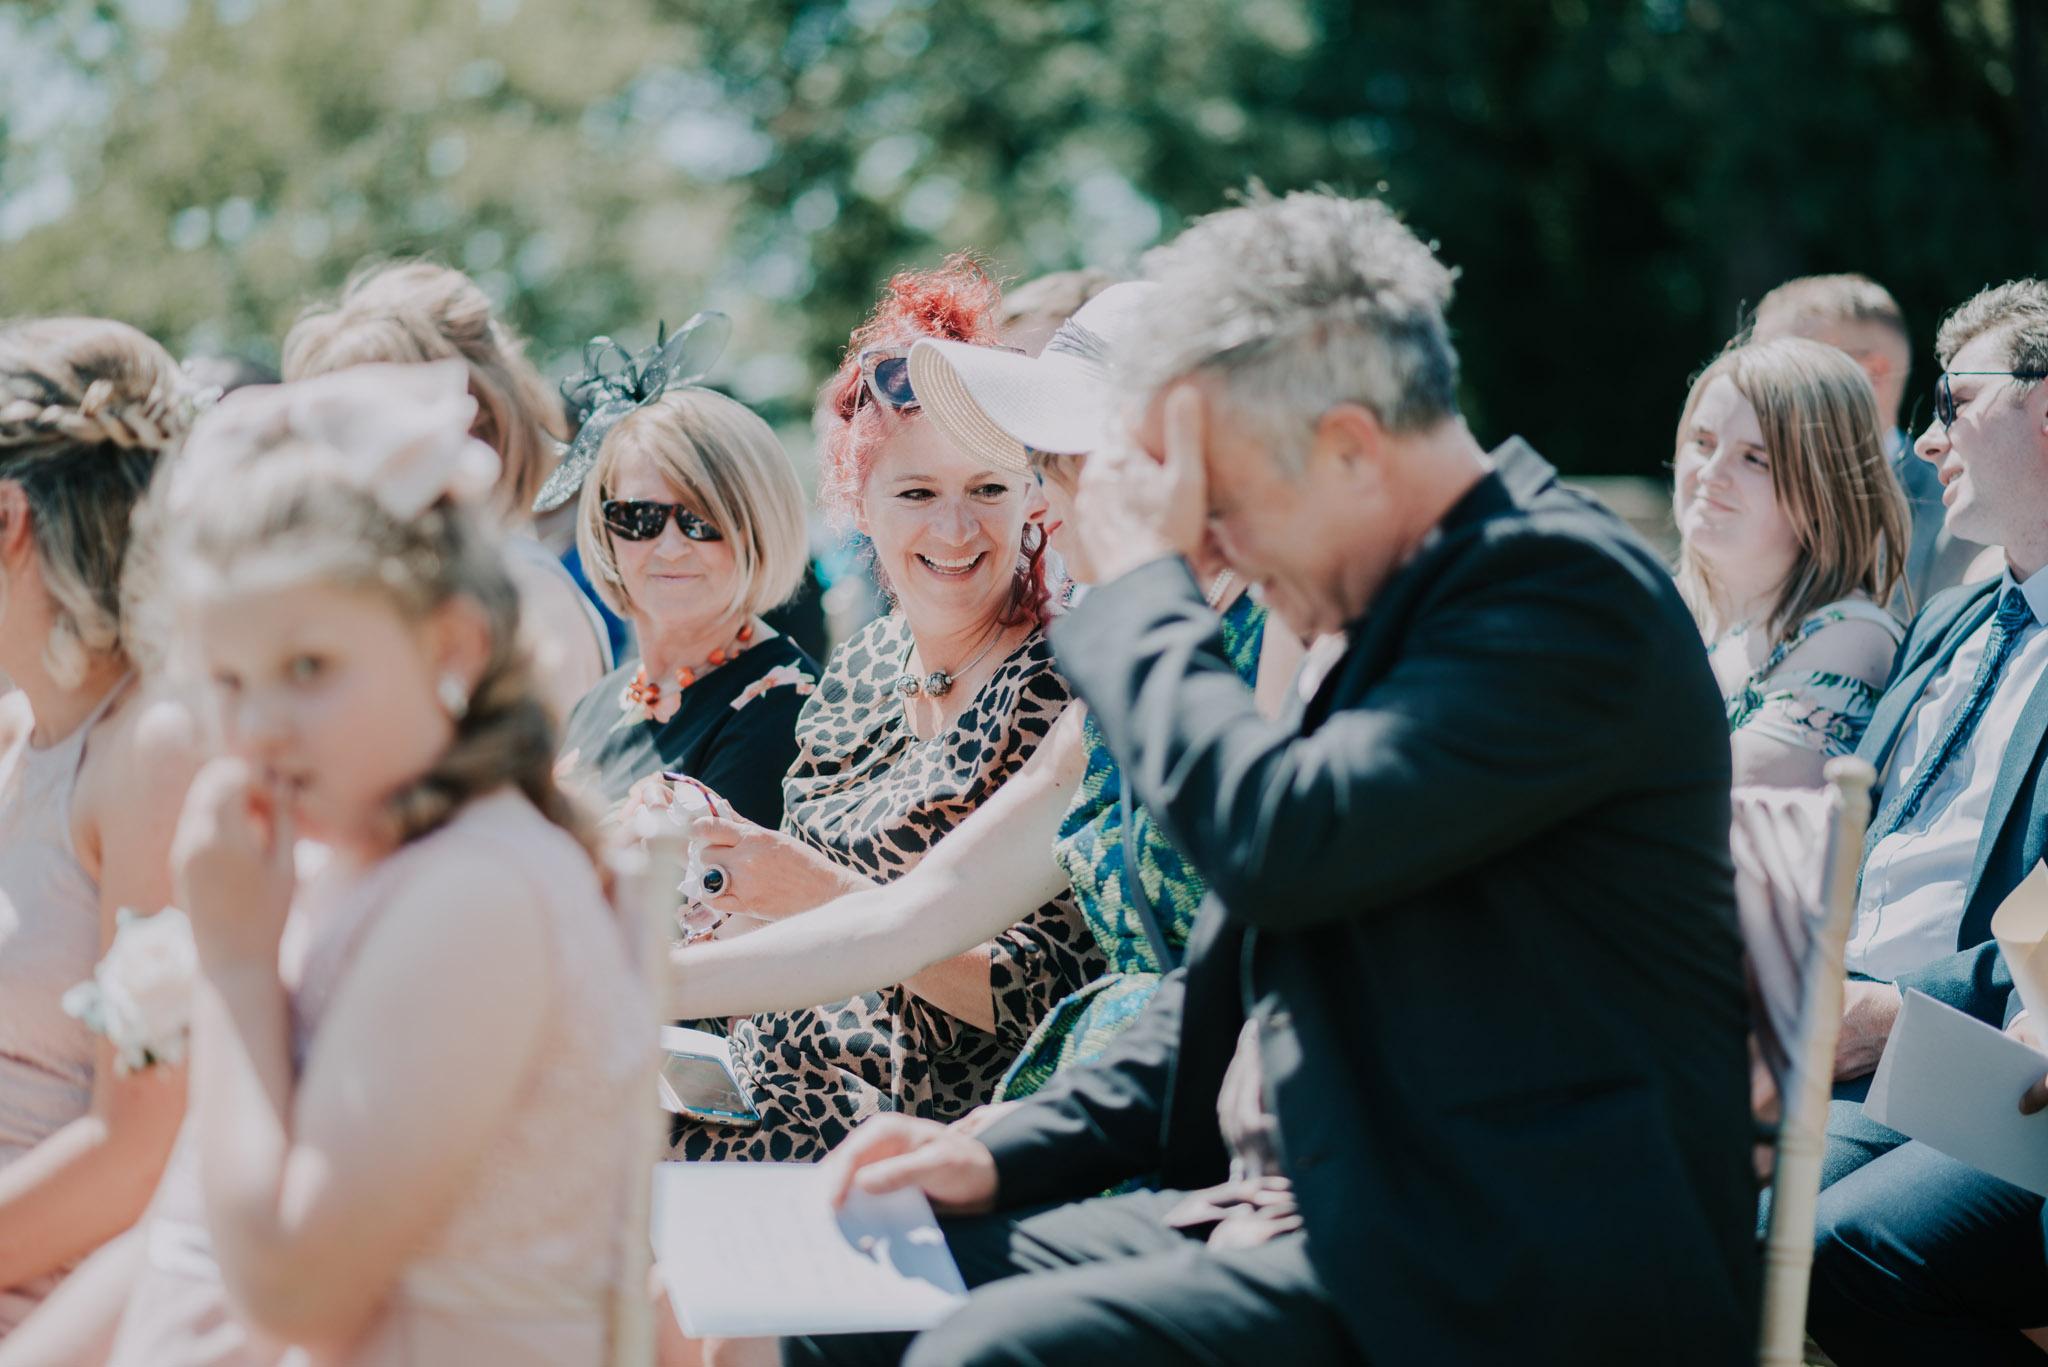 scott-stockwell-wedding-photographer-wood-norton-evesham182.jpg